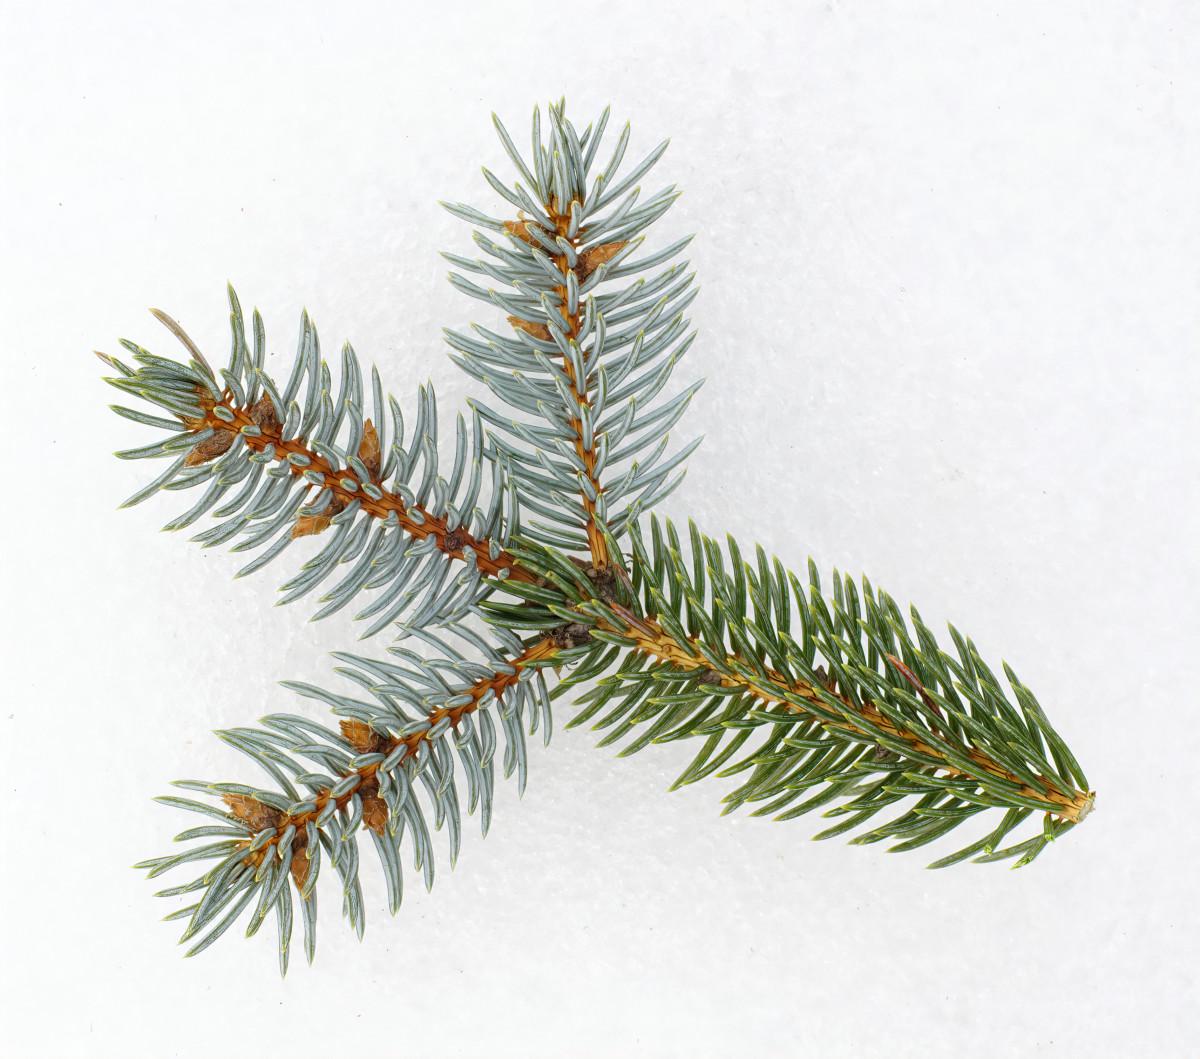 Blue Spruce branchlet